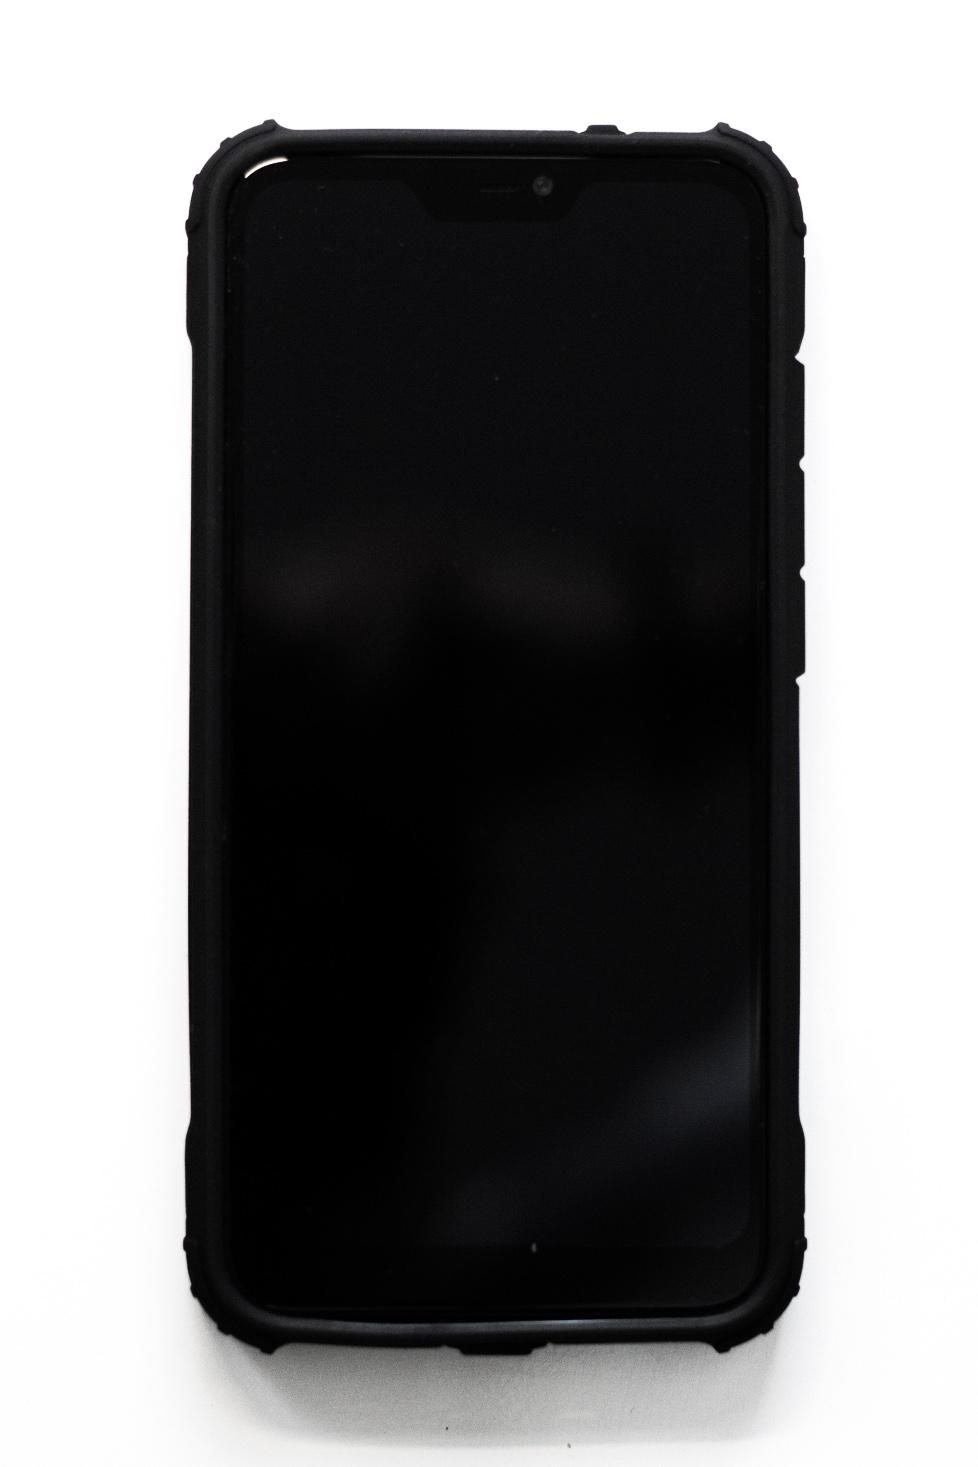 Redmi 6 Pro / Mi A2 Lite szilikon tok (Forcell) ARMOR, fekete